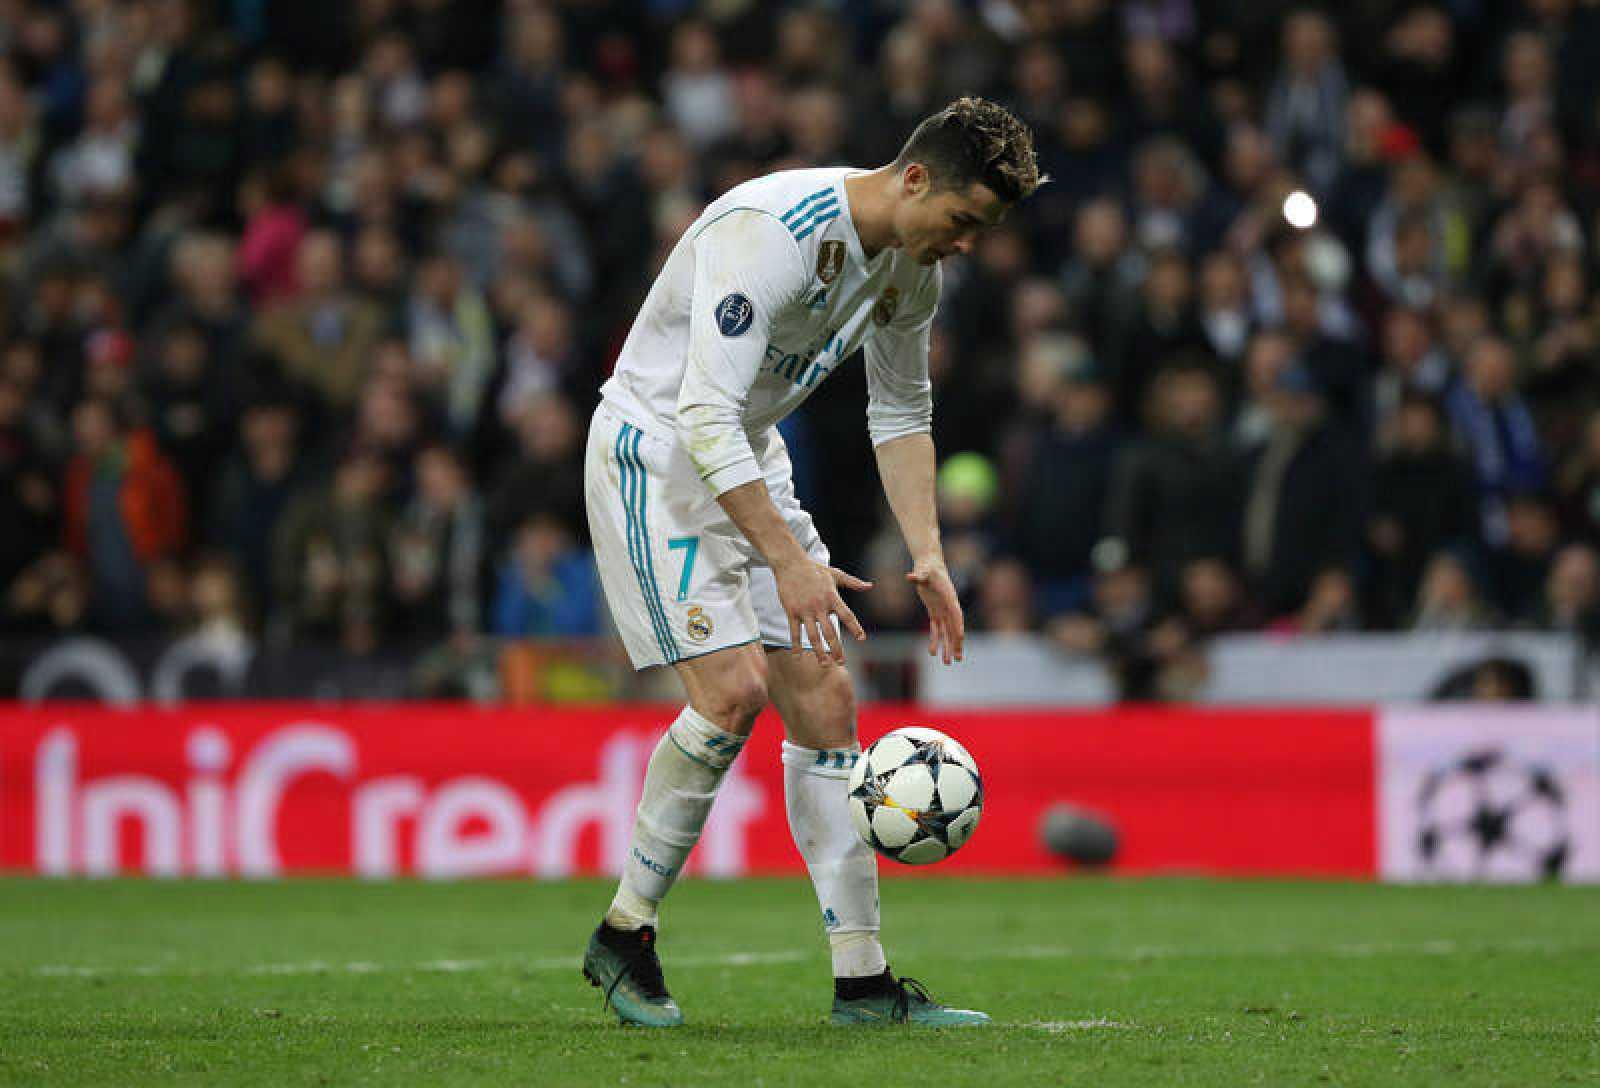 Cristiano momentos antes de lanzar el penalti.